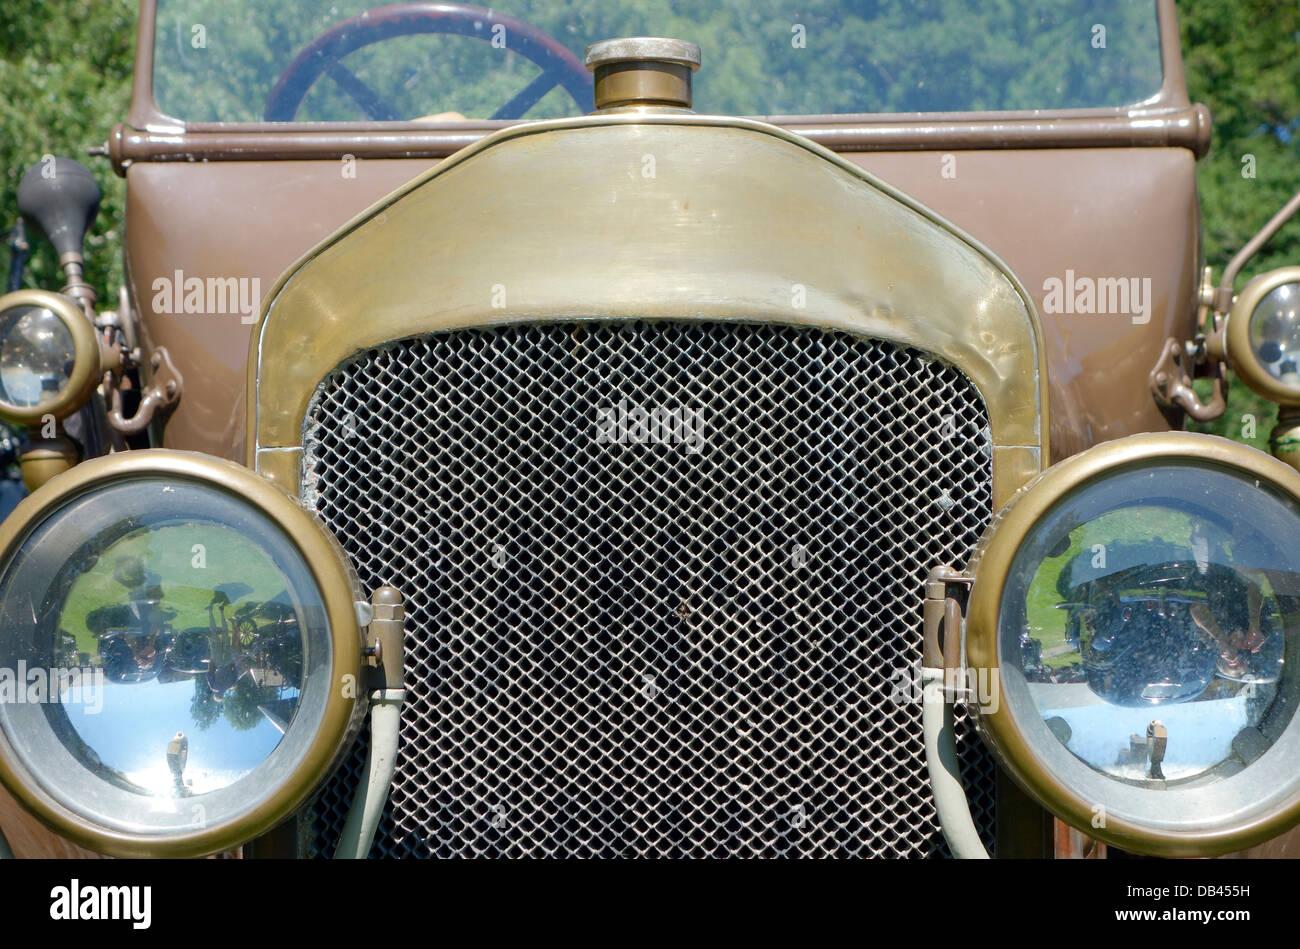 Vorderansicht des antiken Cabrio Auto Hansa-Lloyd aus dem Jahr 1914 Stockbild